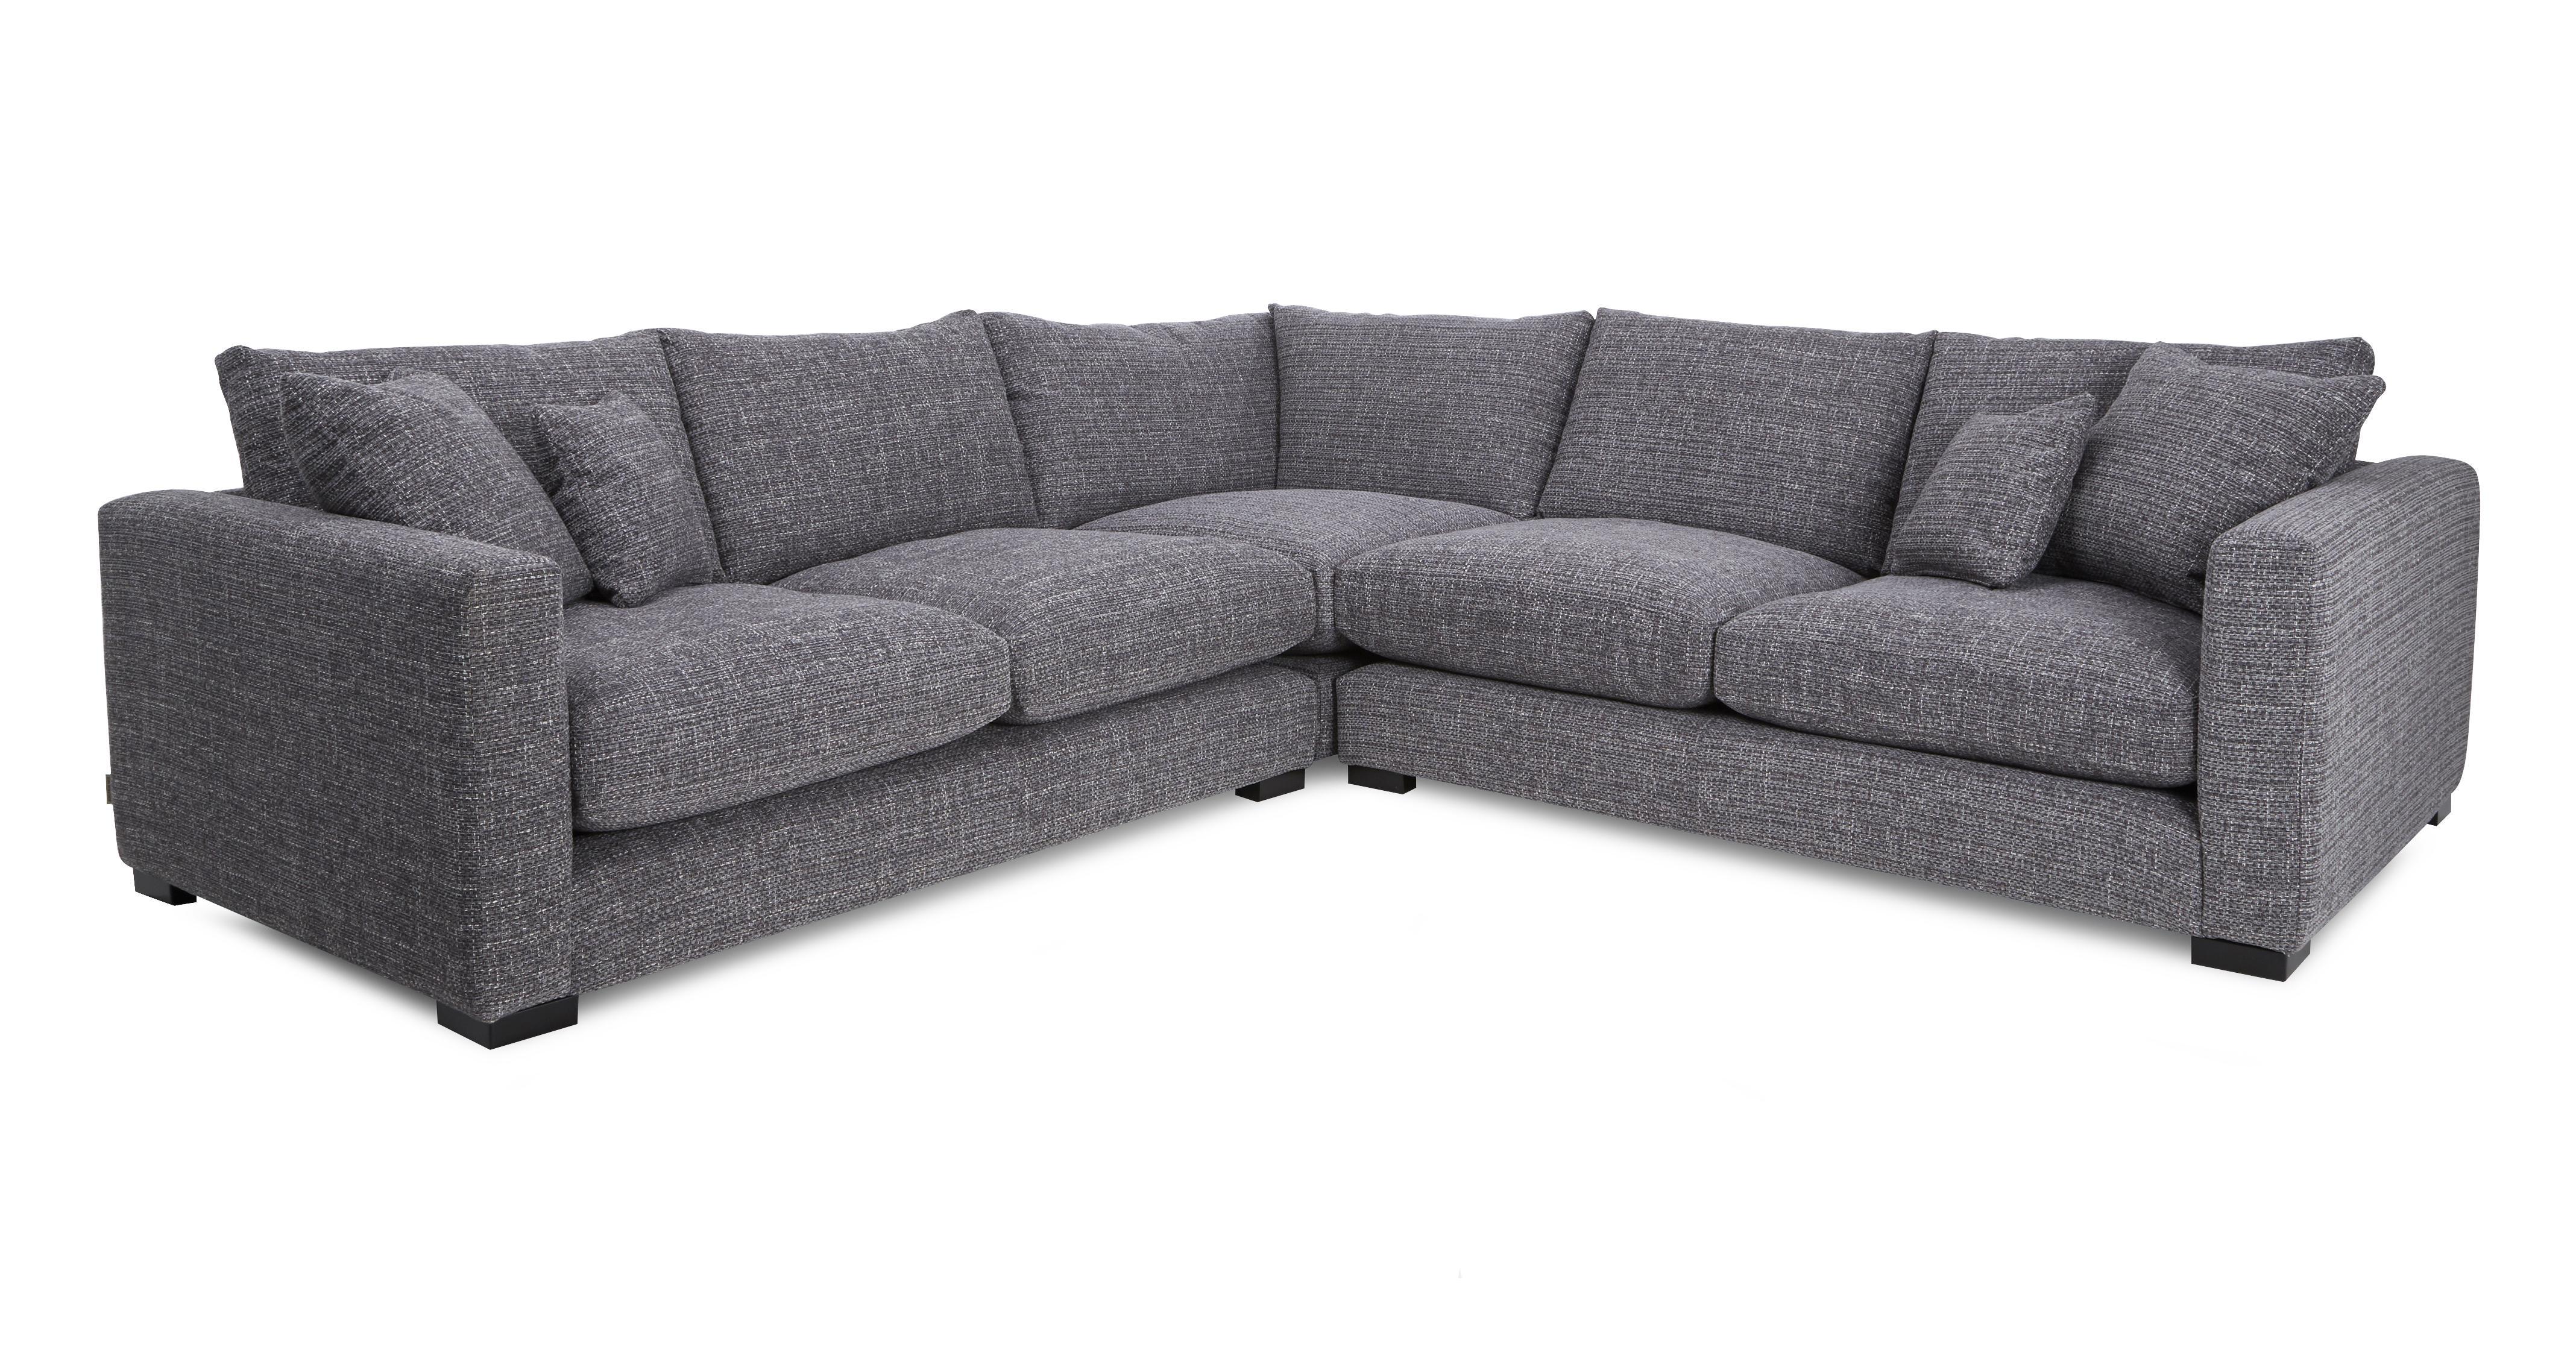 Dillon small corner sofa dfs for Corner couch